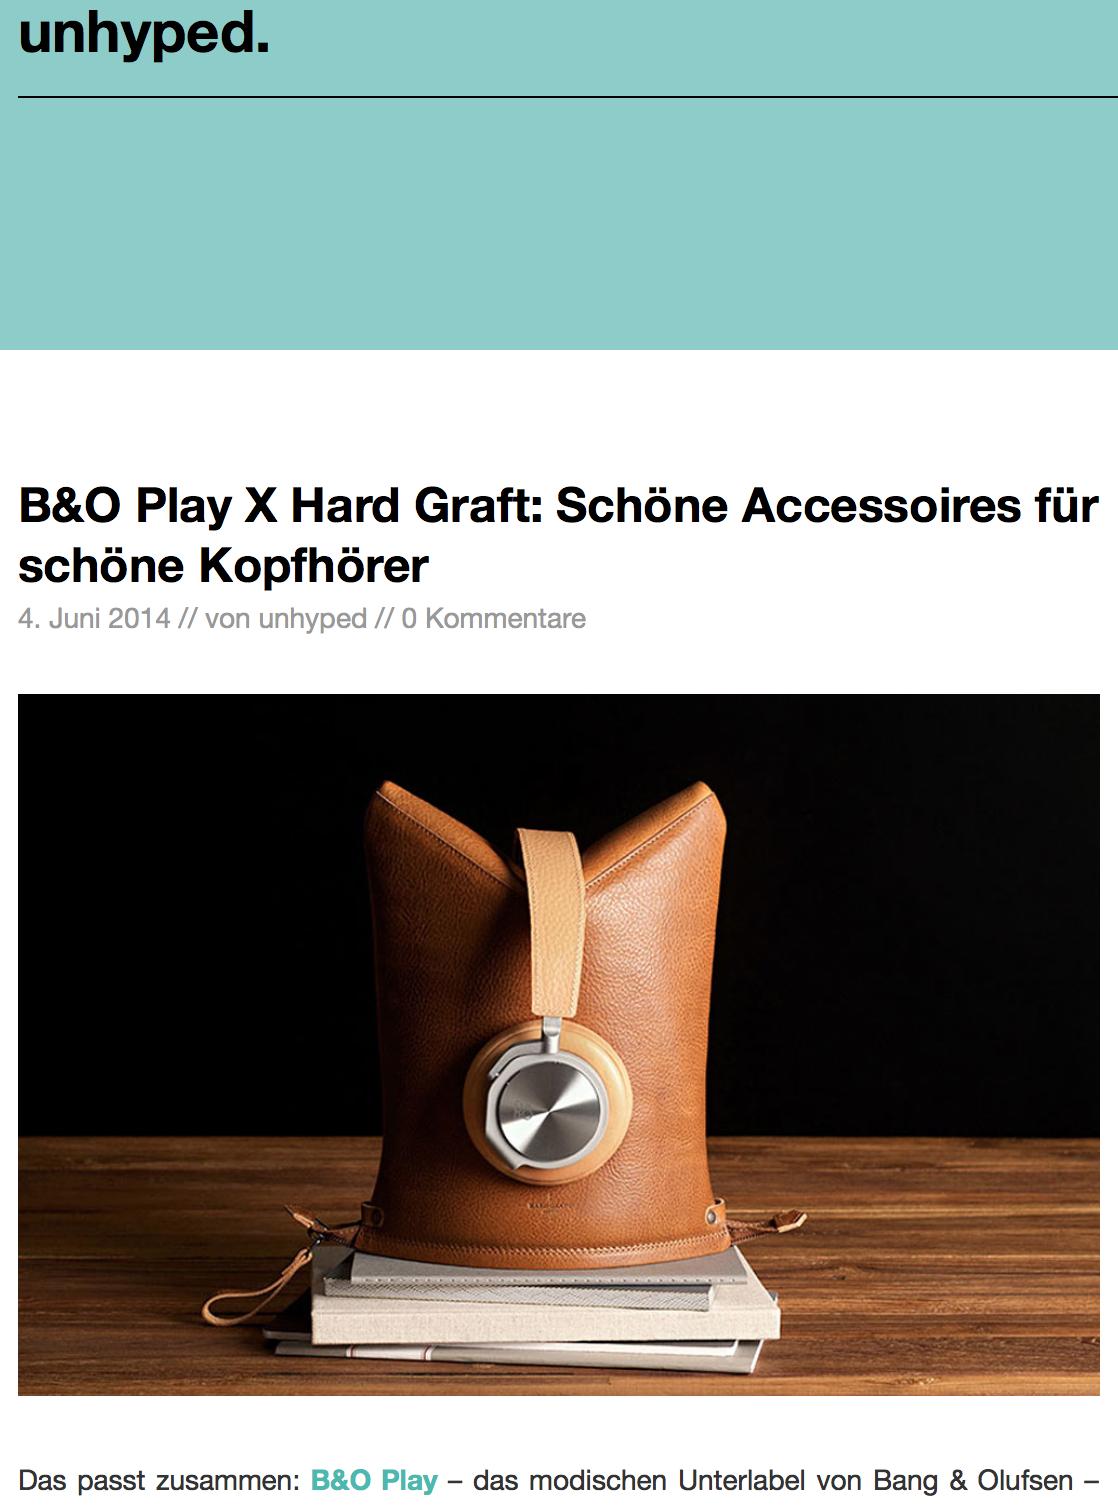 Das passt zusammen: B&O Play – das modischen Unterlabel von Bang & Olufsen – kooperiert jetzt mit Hard Graft. Letztere sind für ihre edlen, ledernen Accessoires bekannt (z. B. wurden sie hier und hier schonmal mit ihrem iPad-Sleeve vorgestellt). Die Kollektion umfasst drei Teile, jeweils aus bestem Leder gefertigt und mit schönen Details verfeinert.